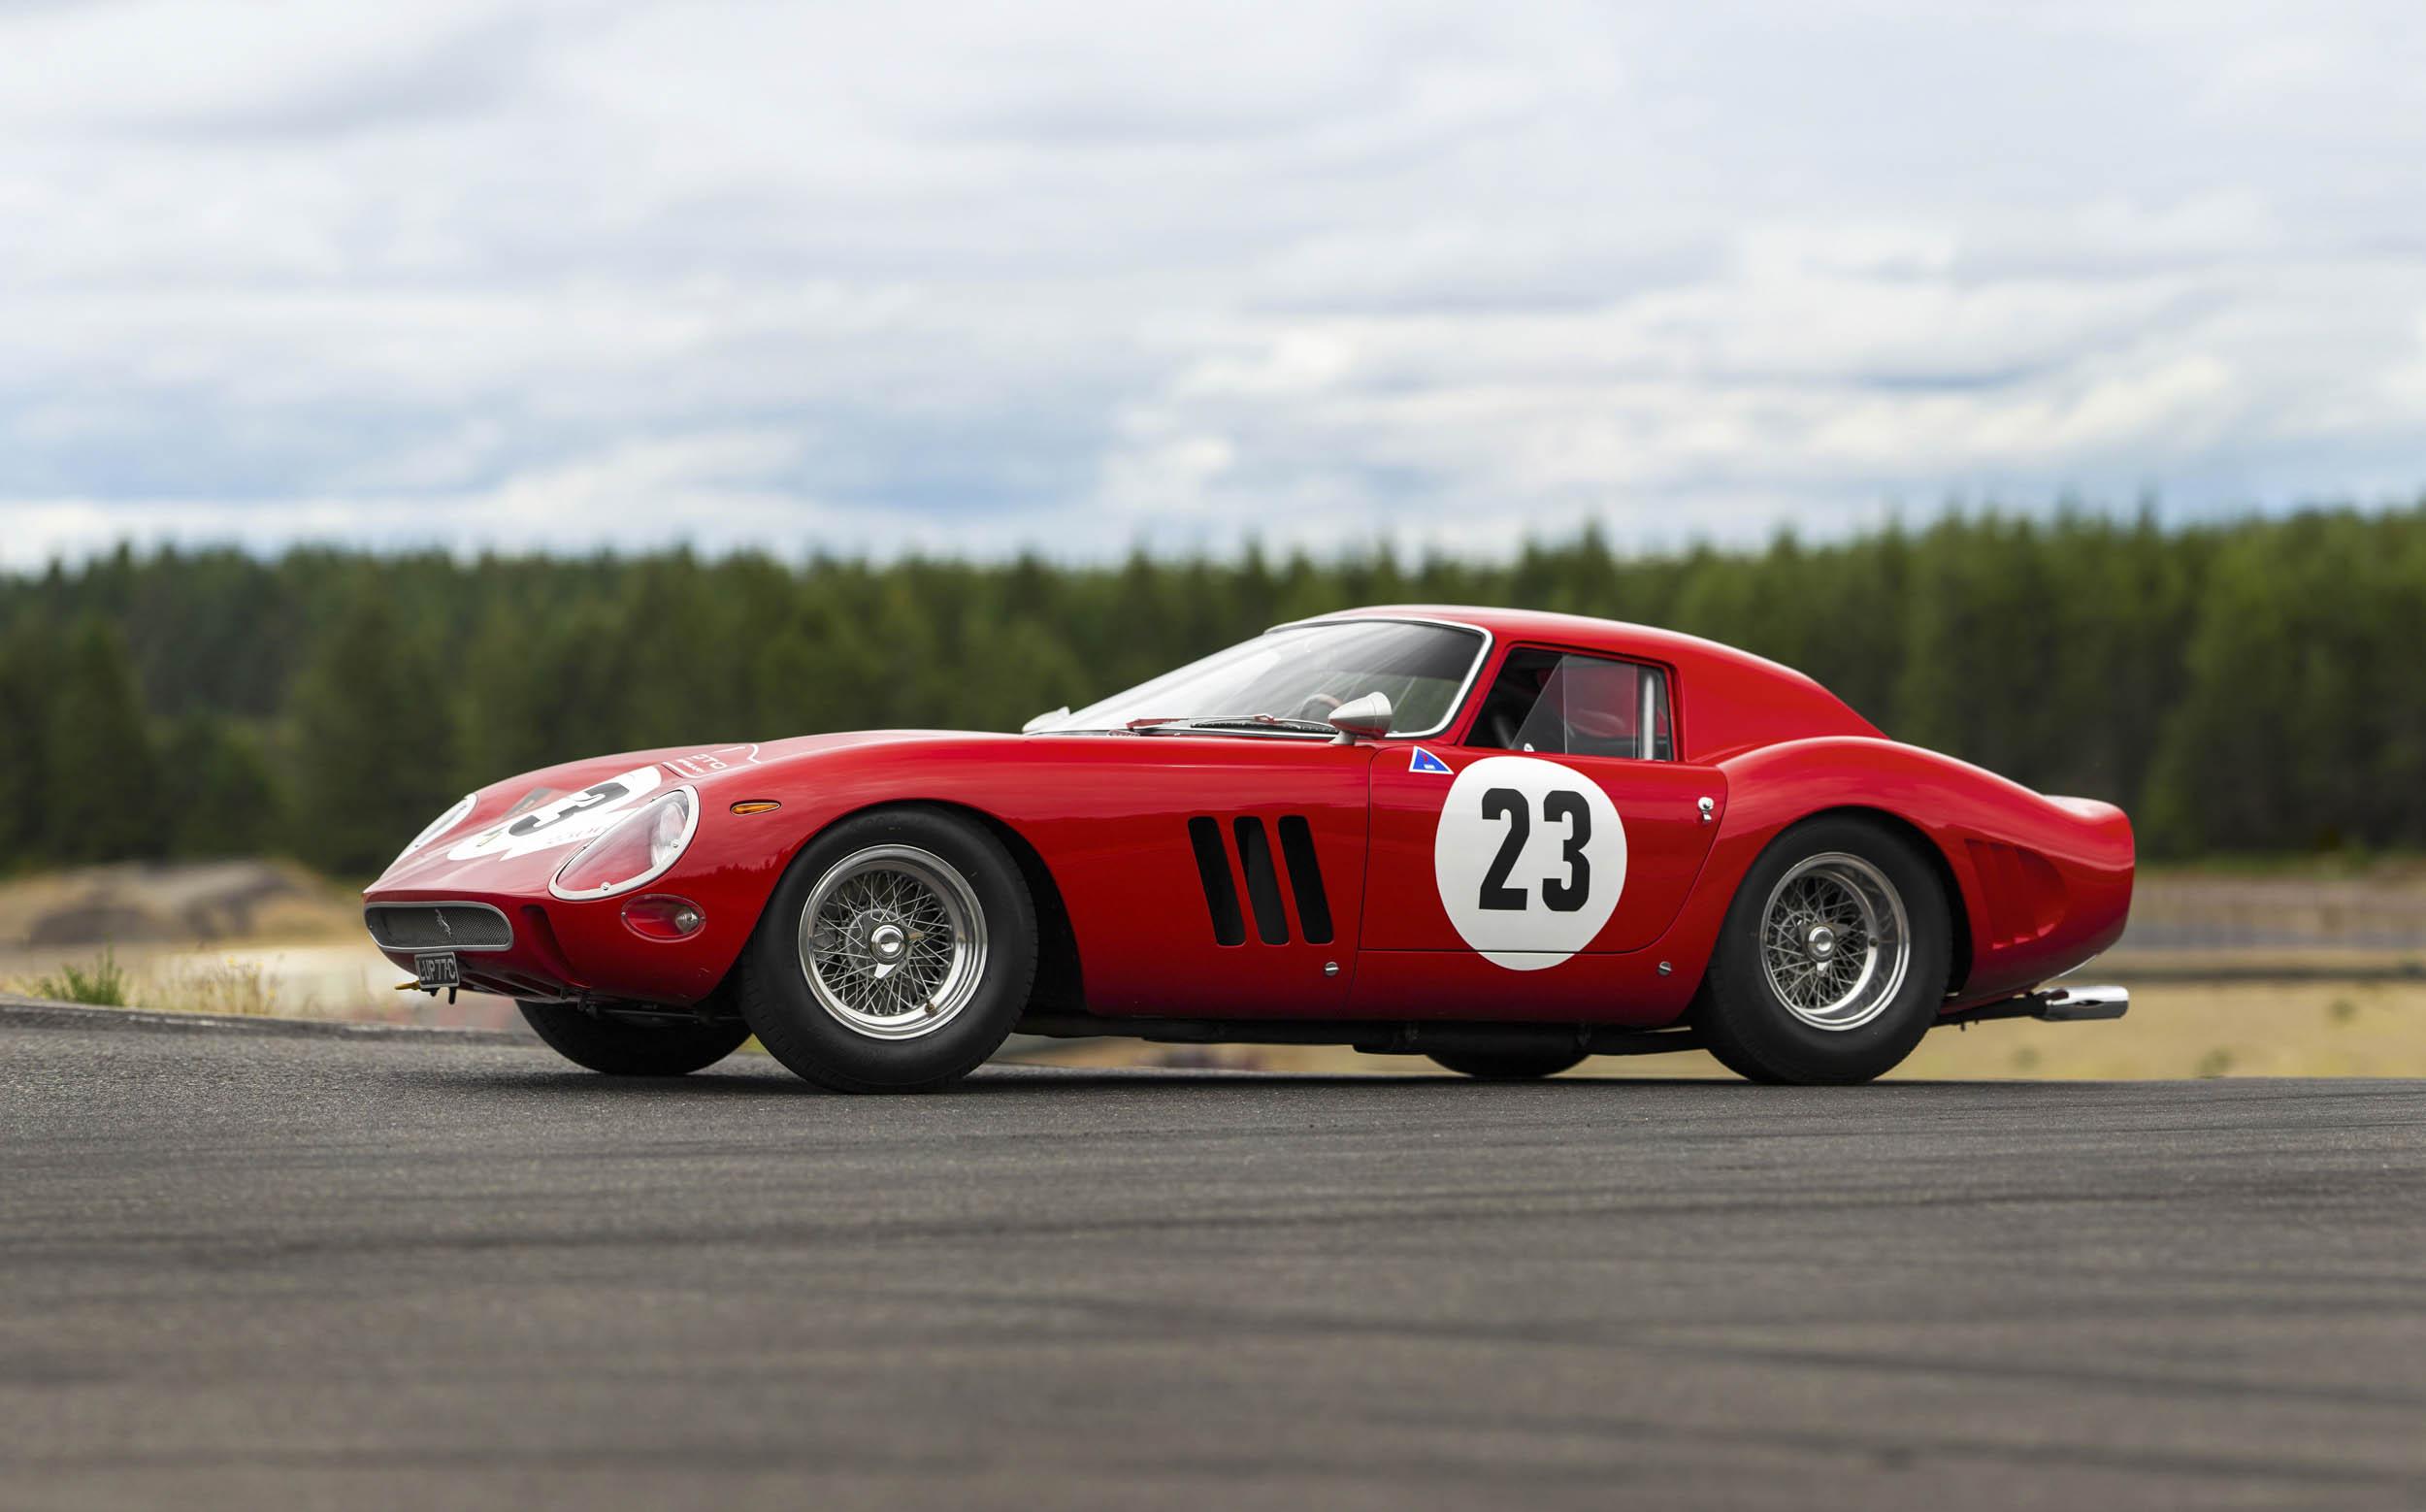 1962 Ferrari 250 GTO side profile